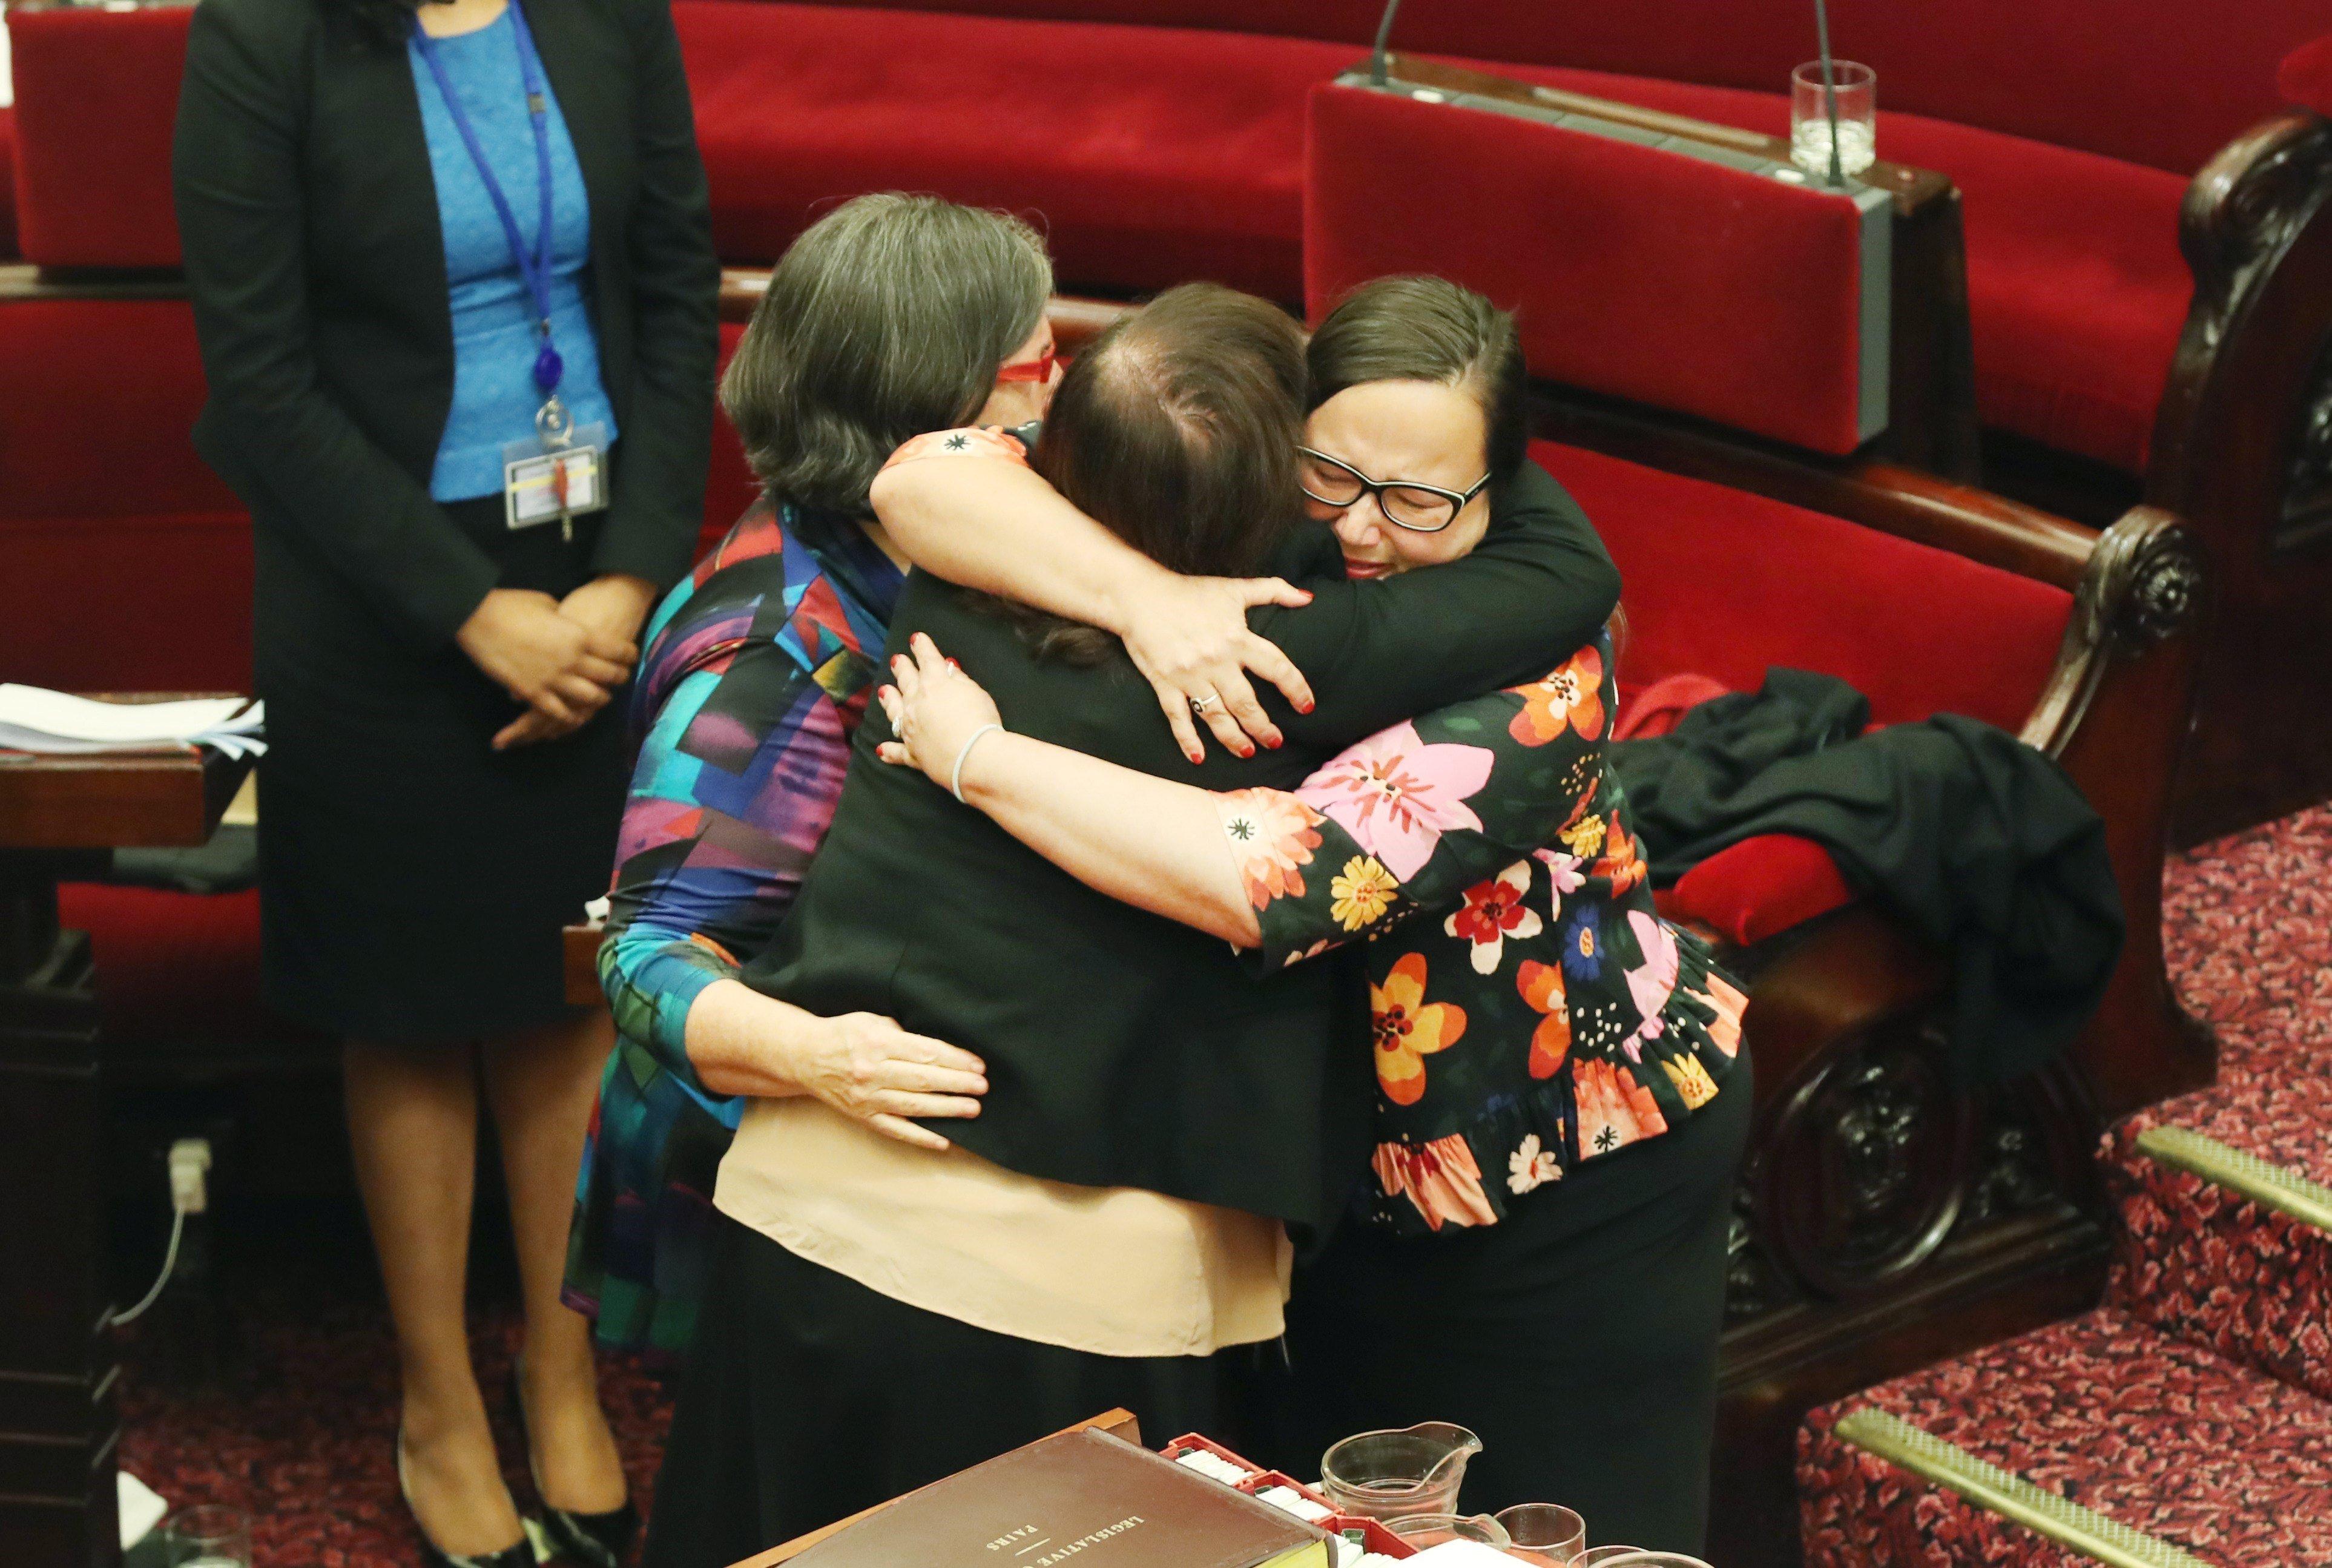 El Senat de l'estat de Victoria ratifica el projecte de llei per legalitzar l'eutanàsia, Austràlia. /DAVID CROSLING